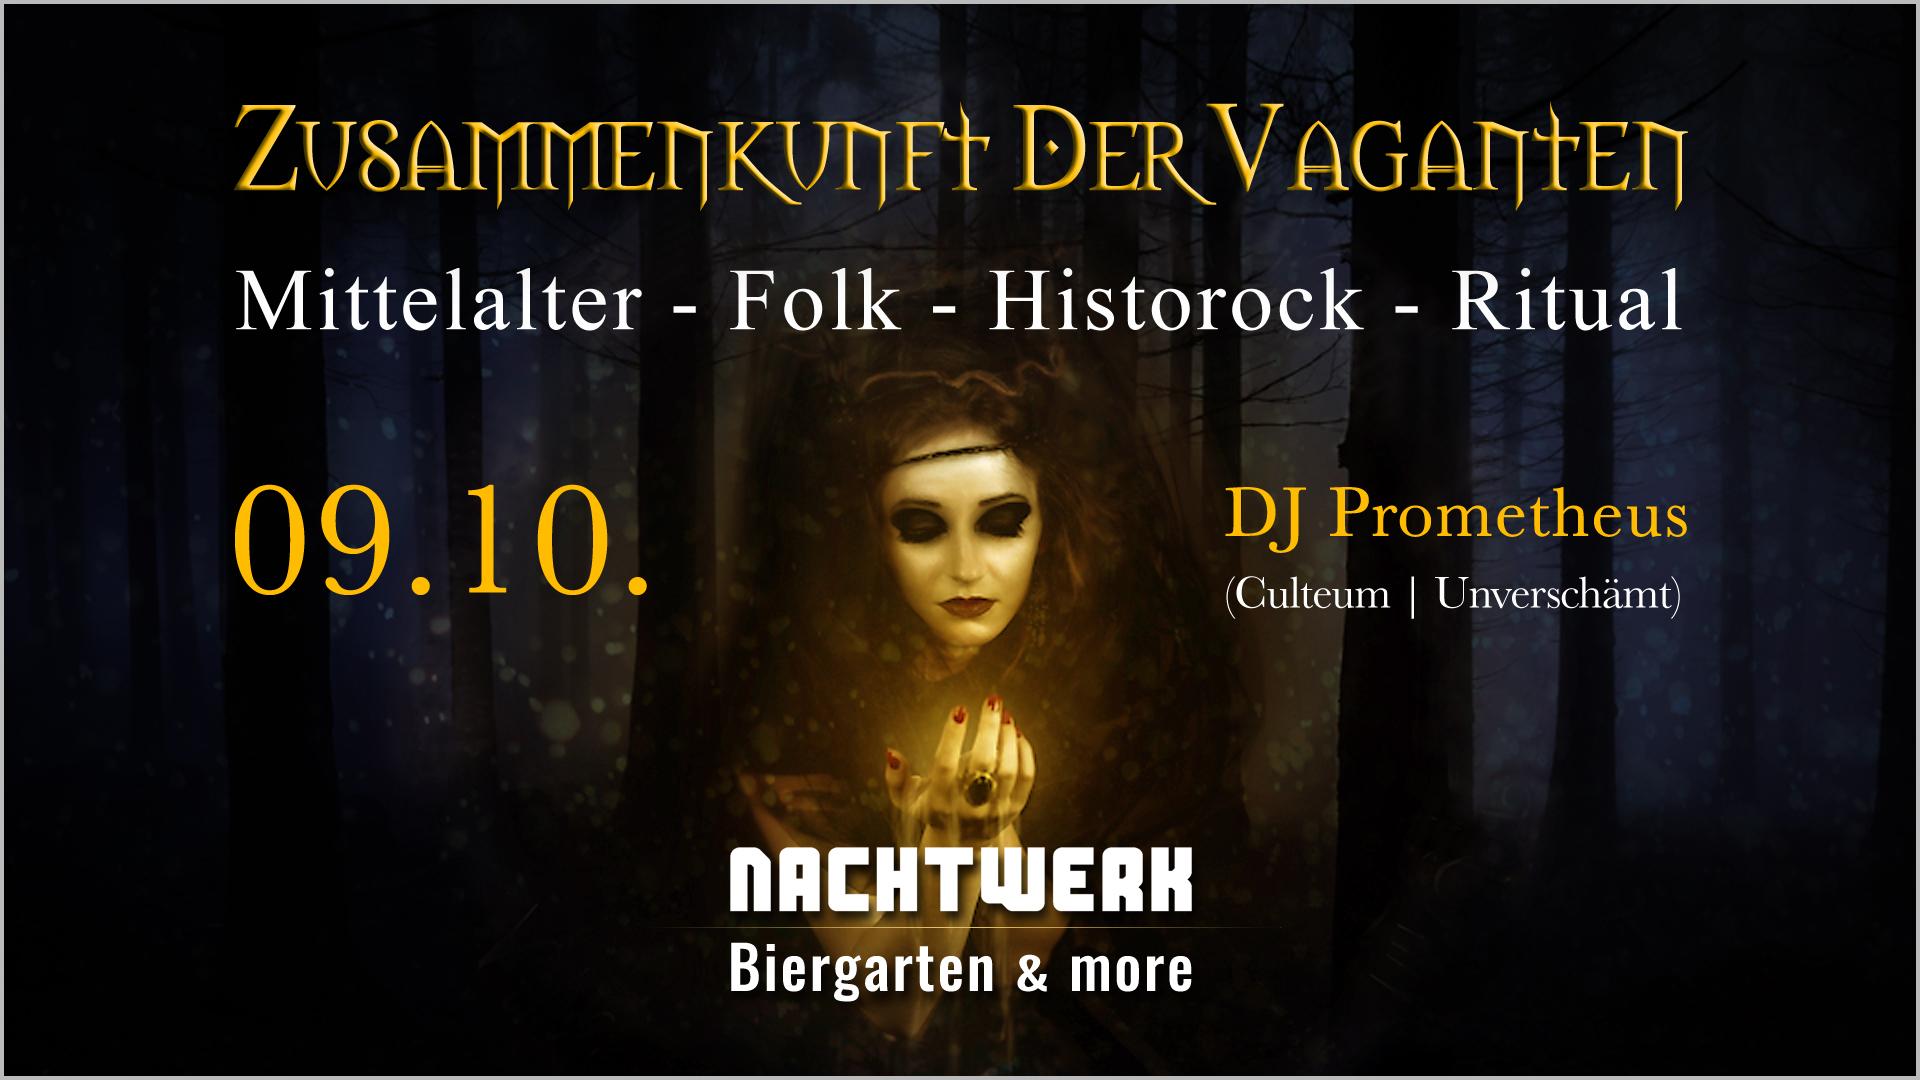 Biergarten & more im Nachtwerk Karlsruhe. Leckere Drinks und musikalische Untermalung